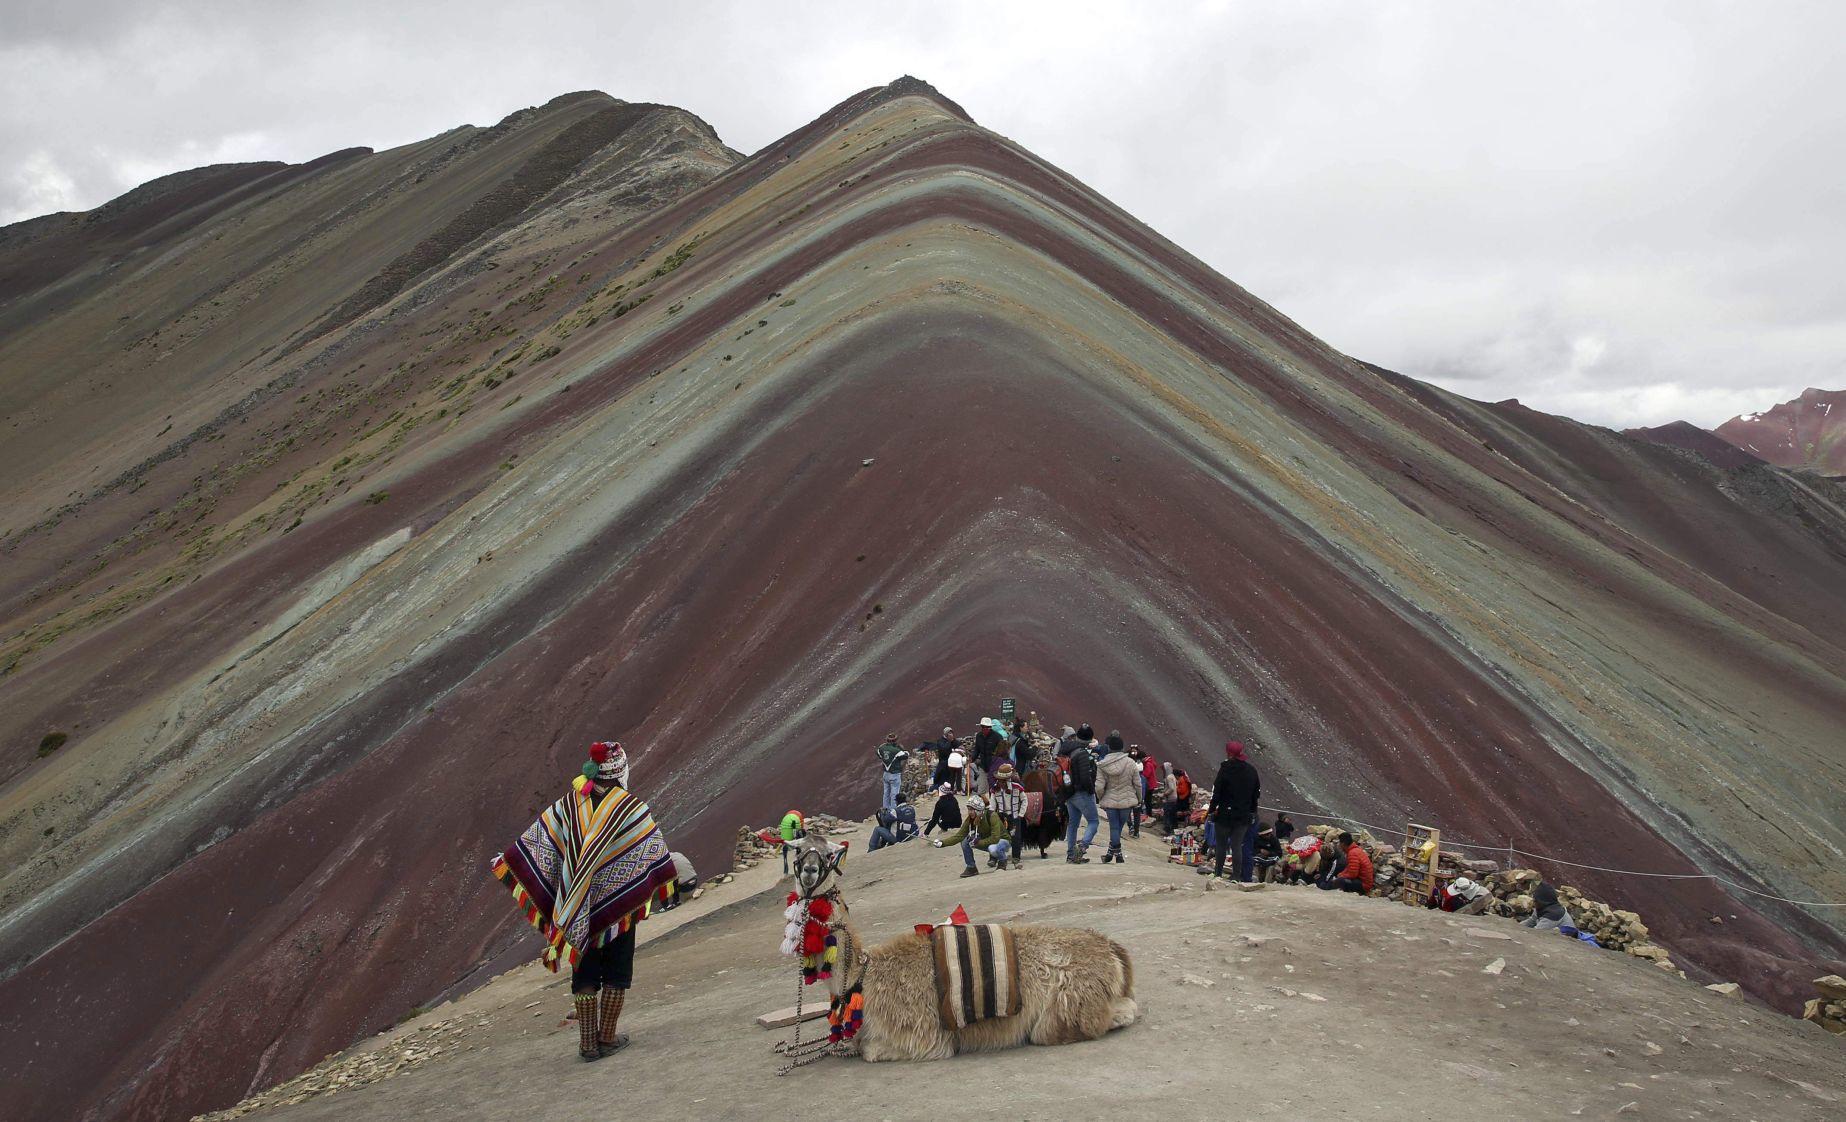 APTOPIX Peru Rainbow Mountain Tourists flocking to